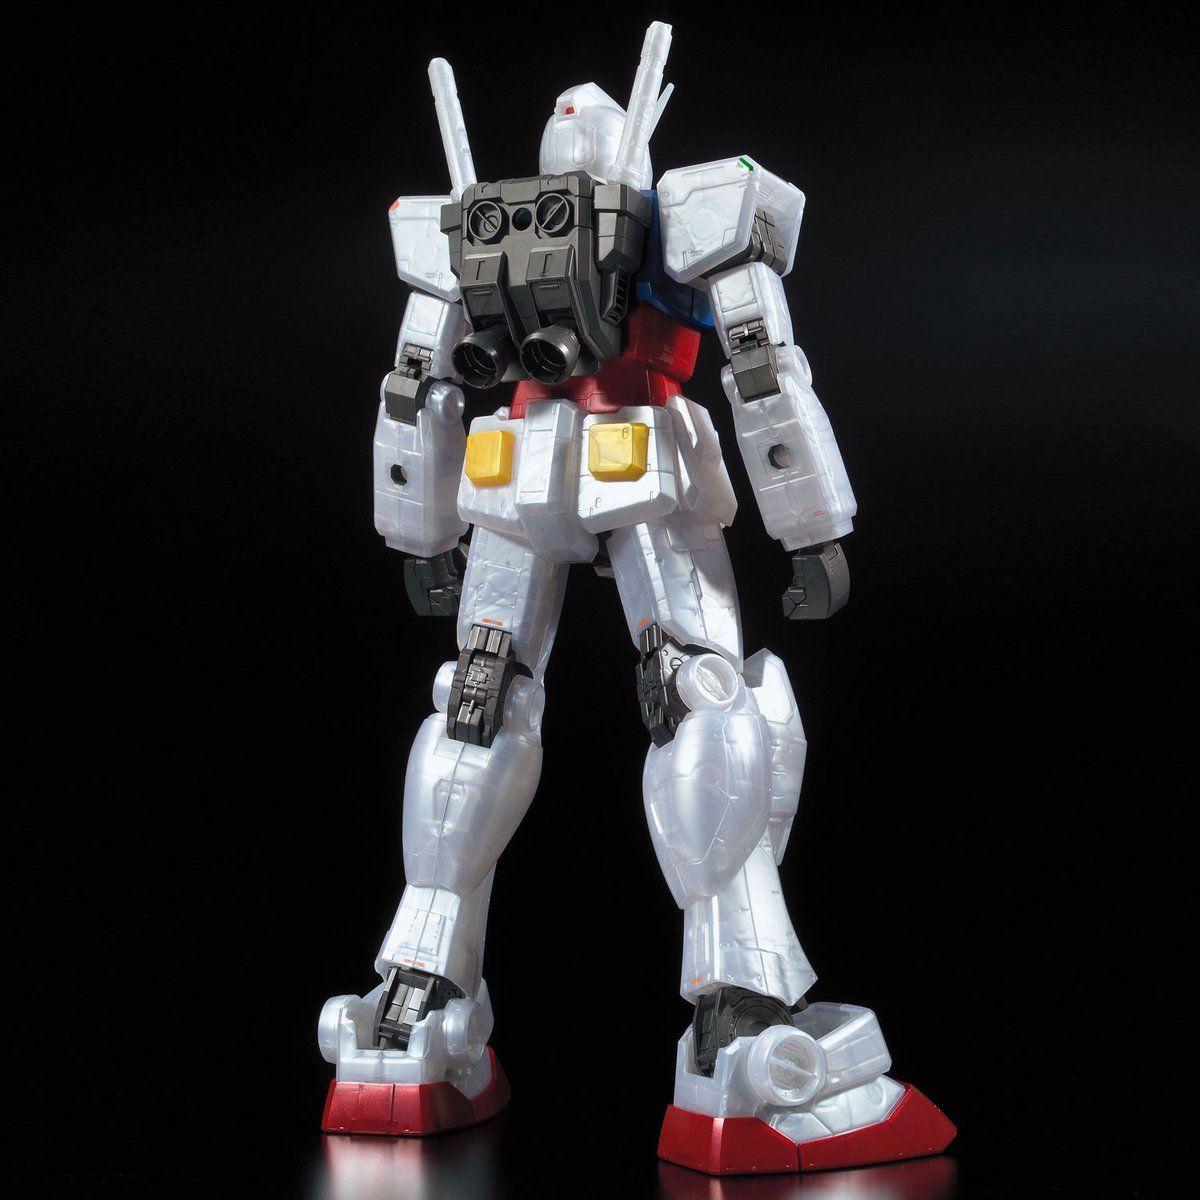 メガサイズモデル 1/48 ガンダムベース限定 RX-78-2 ガンダム [メタリックグロスインジェクション] 商品画像